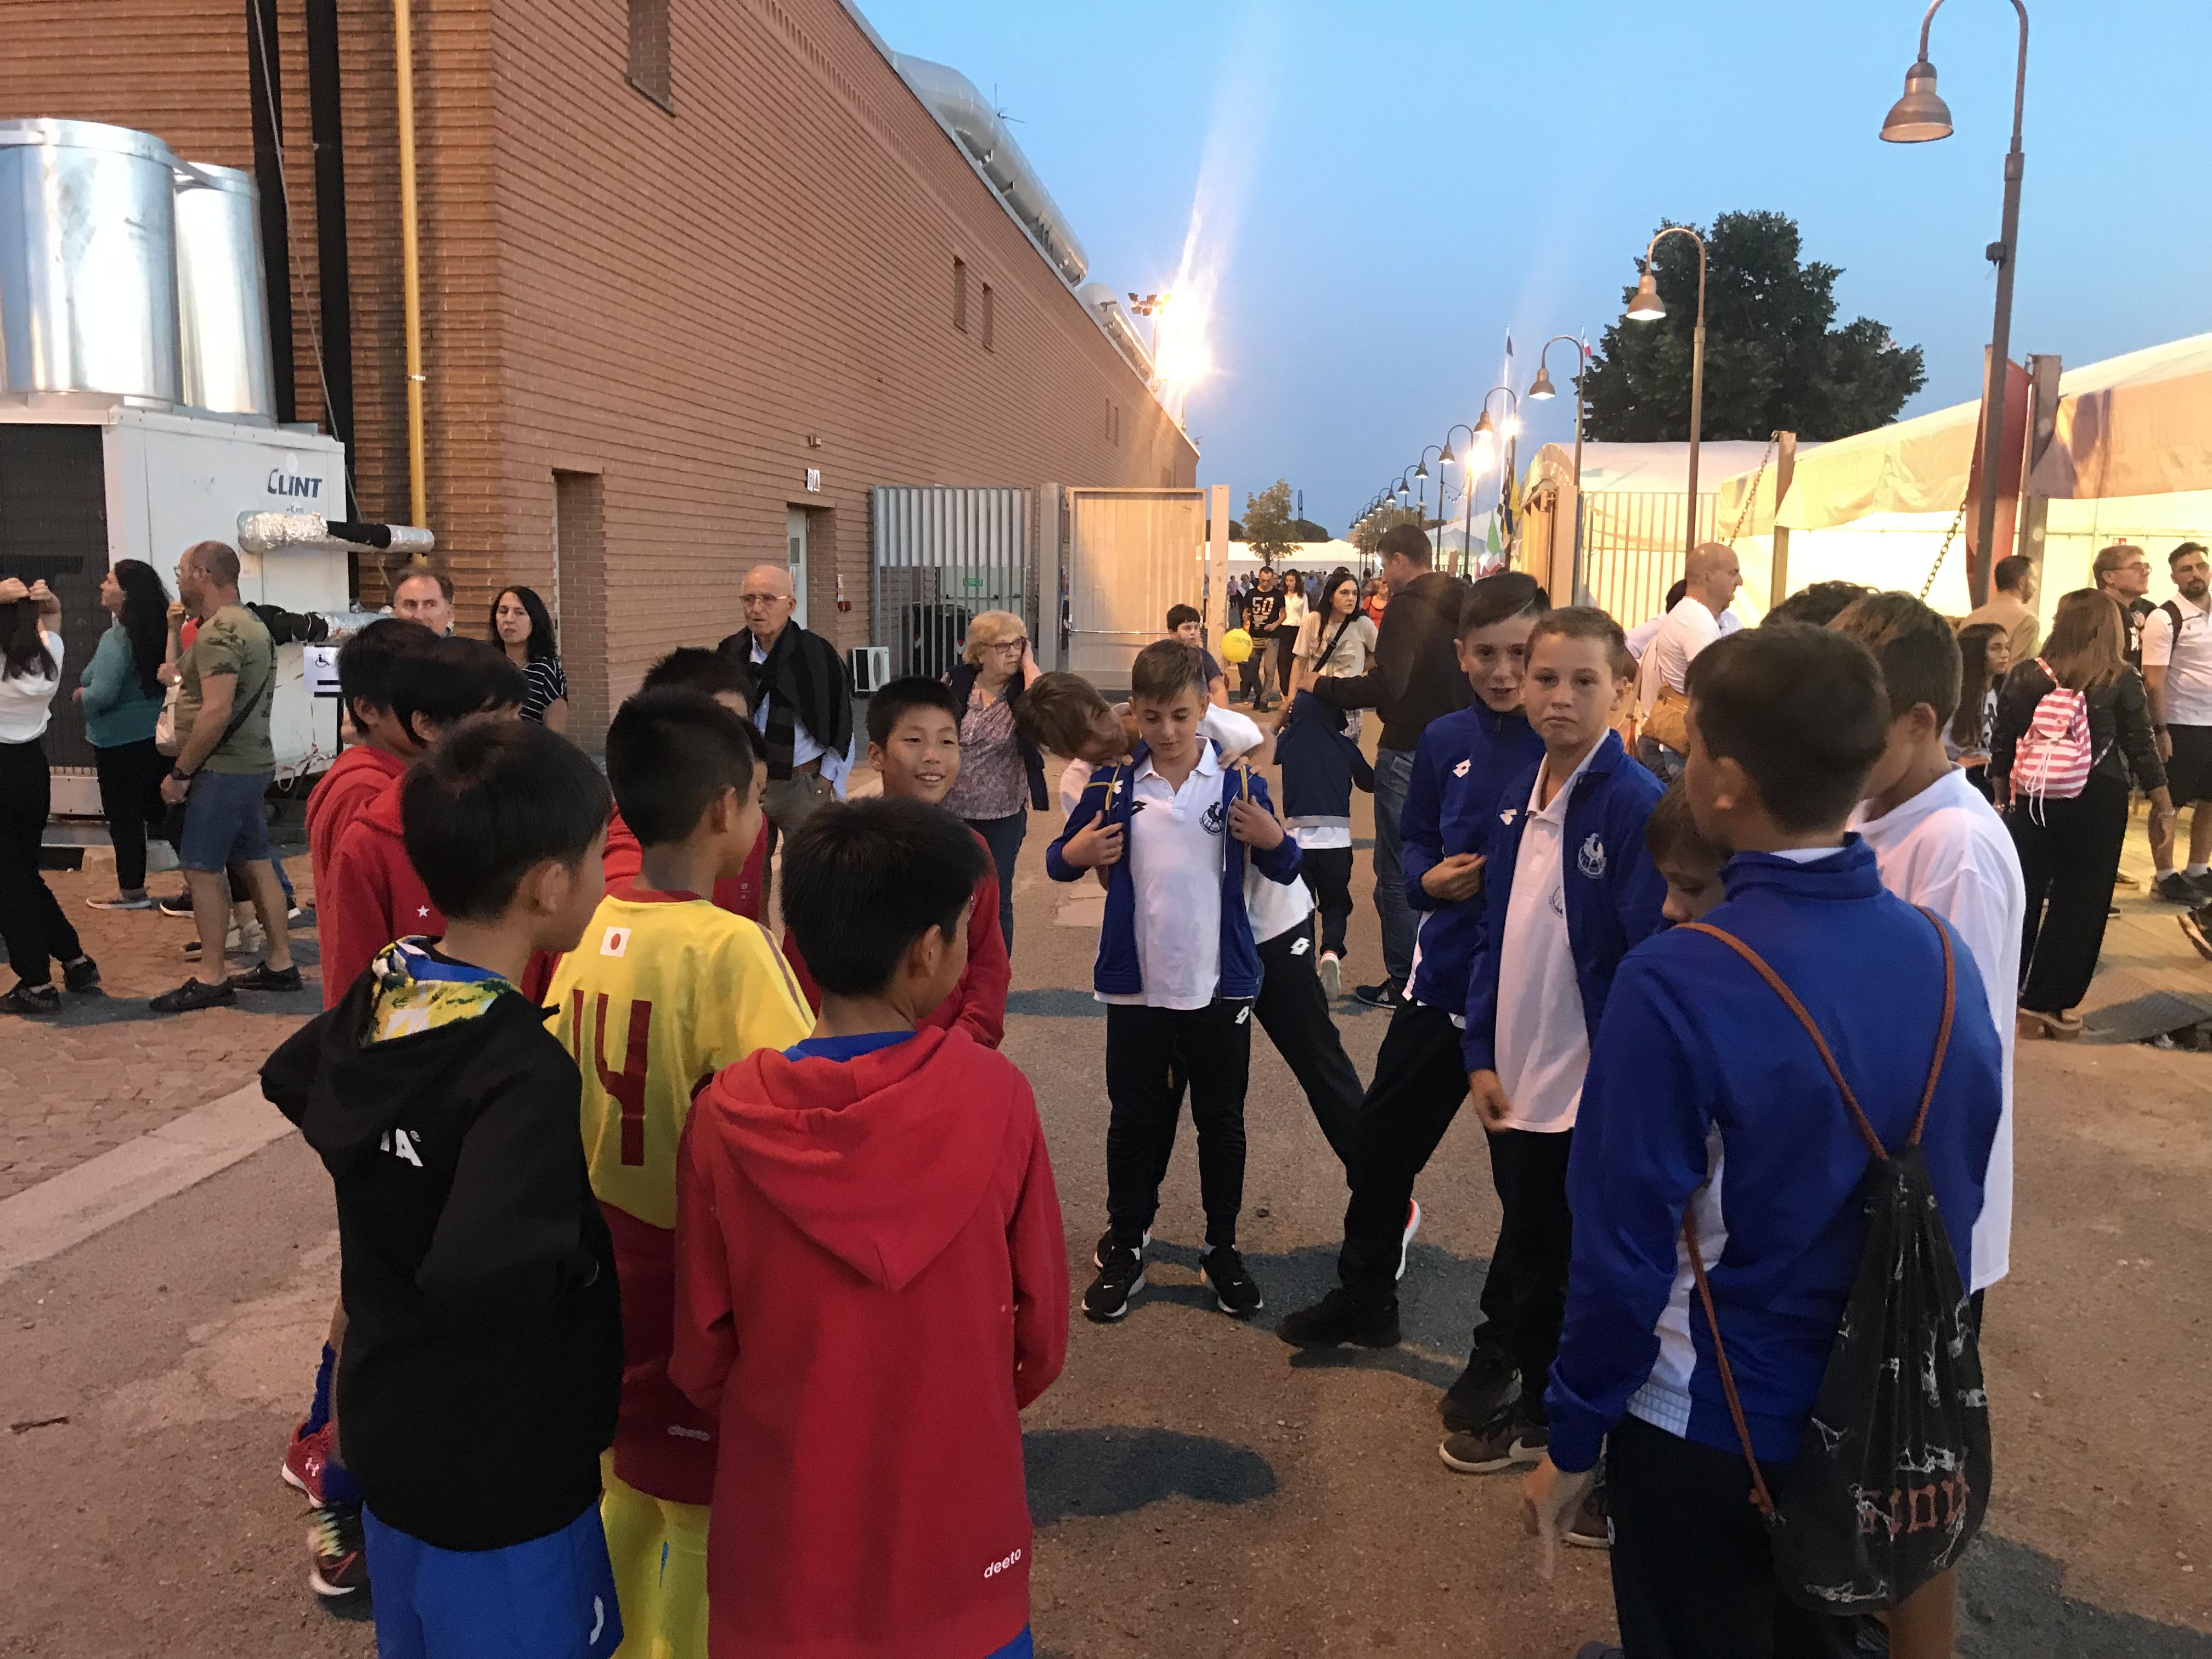 我ながらお馬鹿 | ソレッソ熊本 | 熊本のサッカークラブ